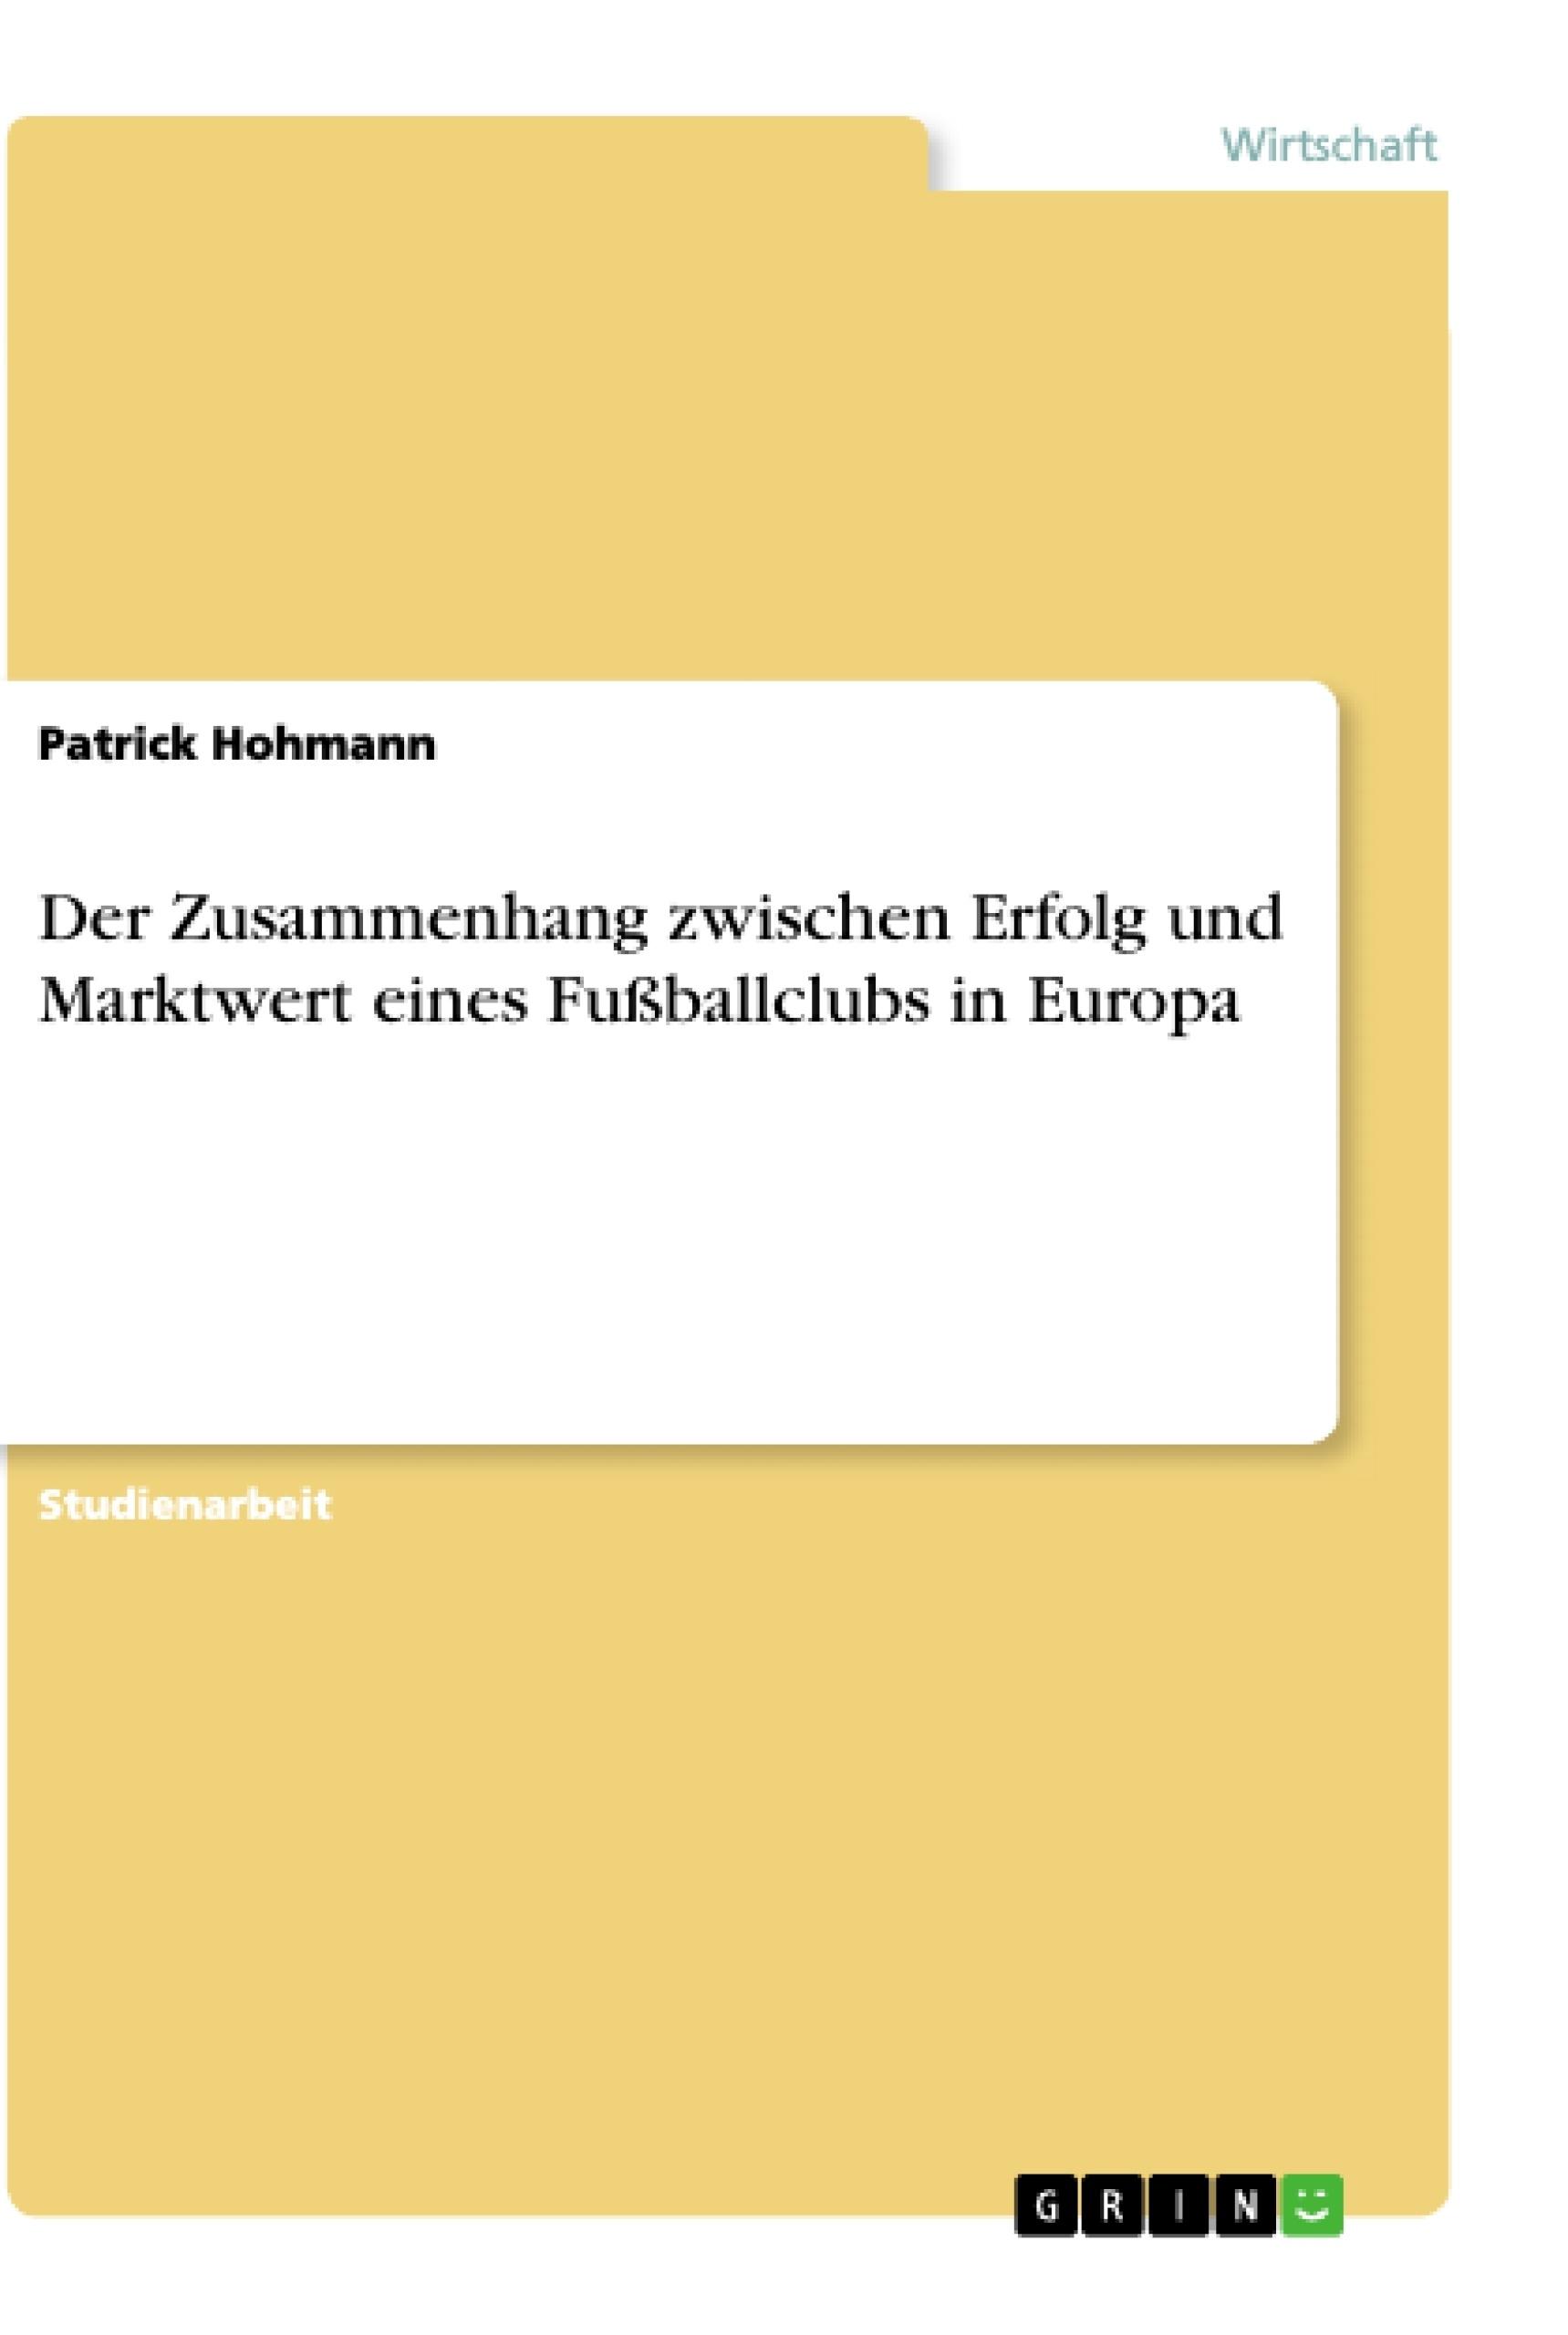 Titel: Der Zusammenhang zwischen Erfolg und Marktwert eines Fußballclubs in Europa